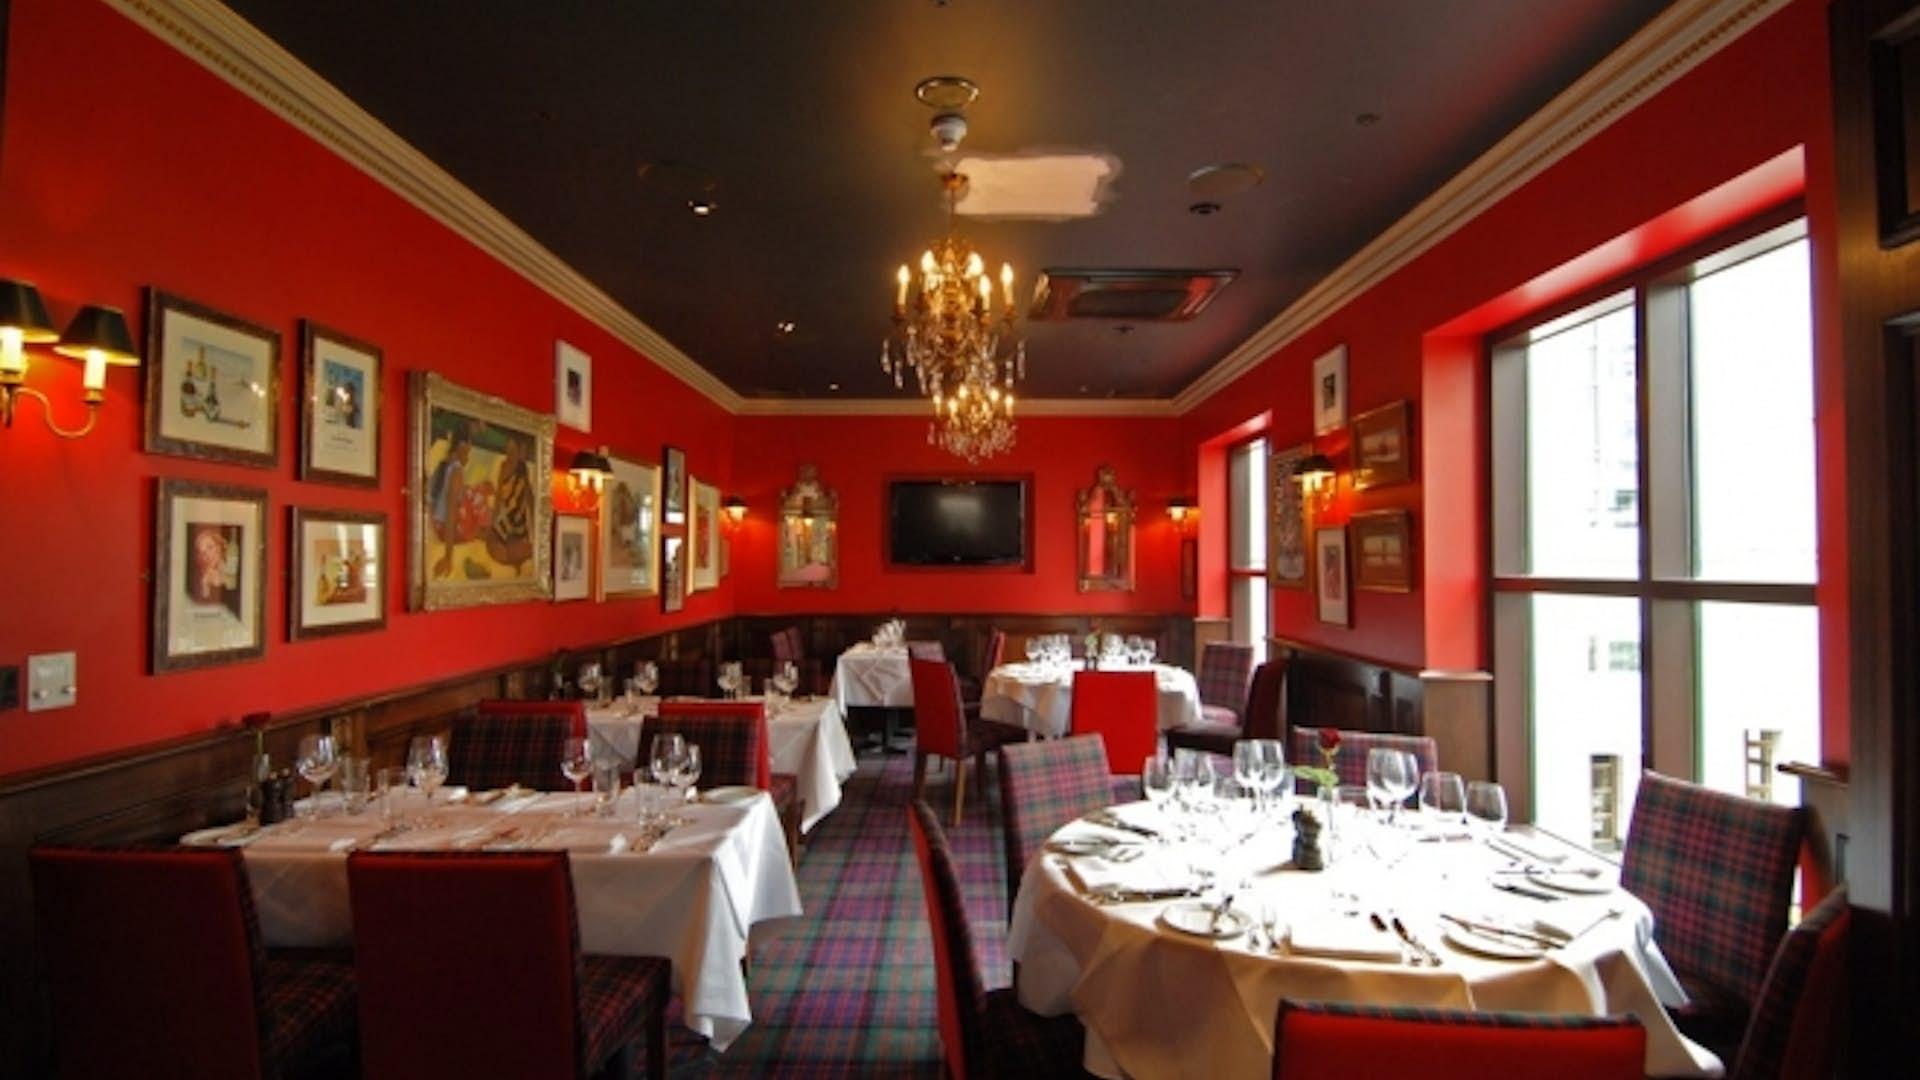 The Paul Gauguin Room Boisdale Of Canary Wharf